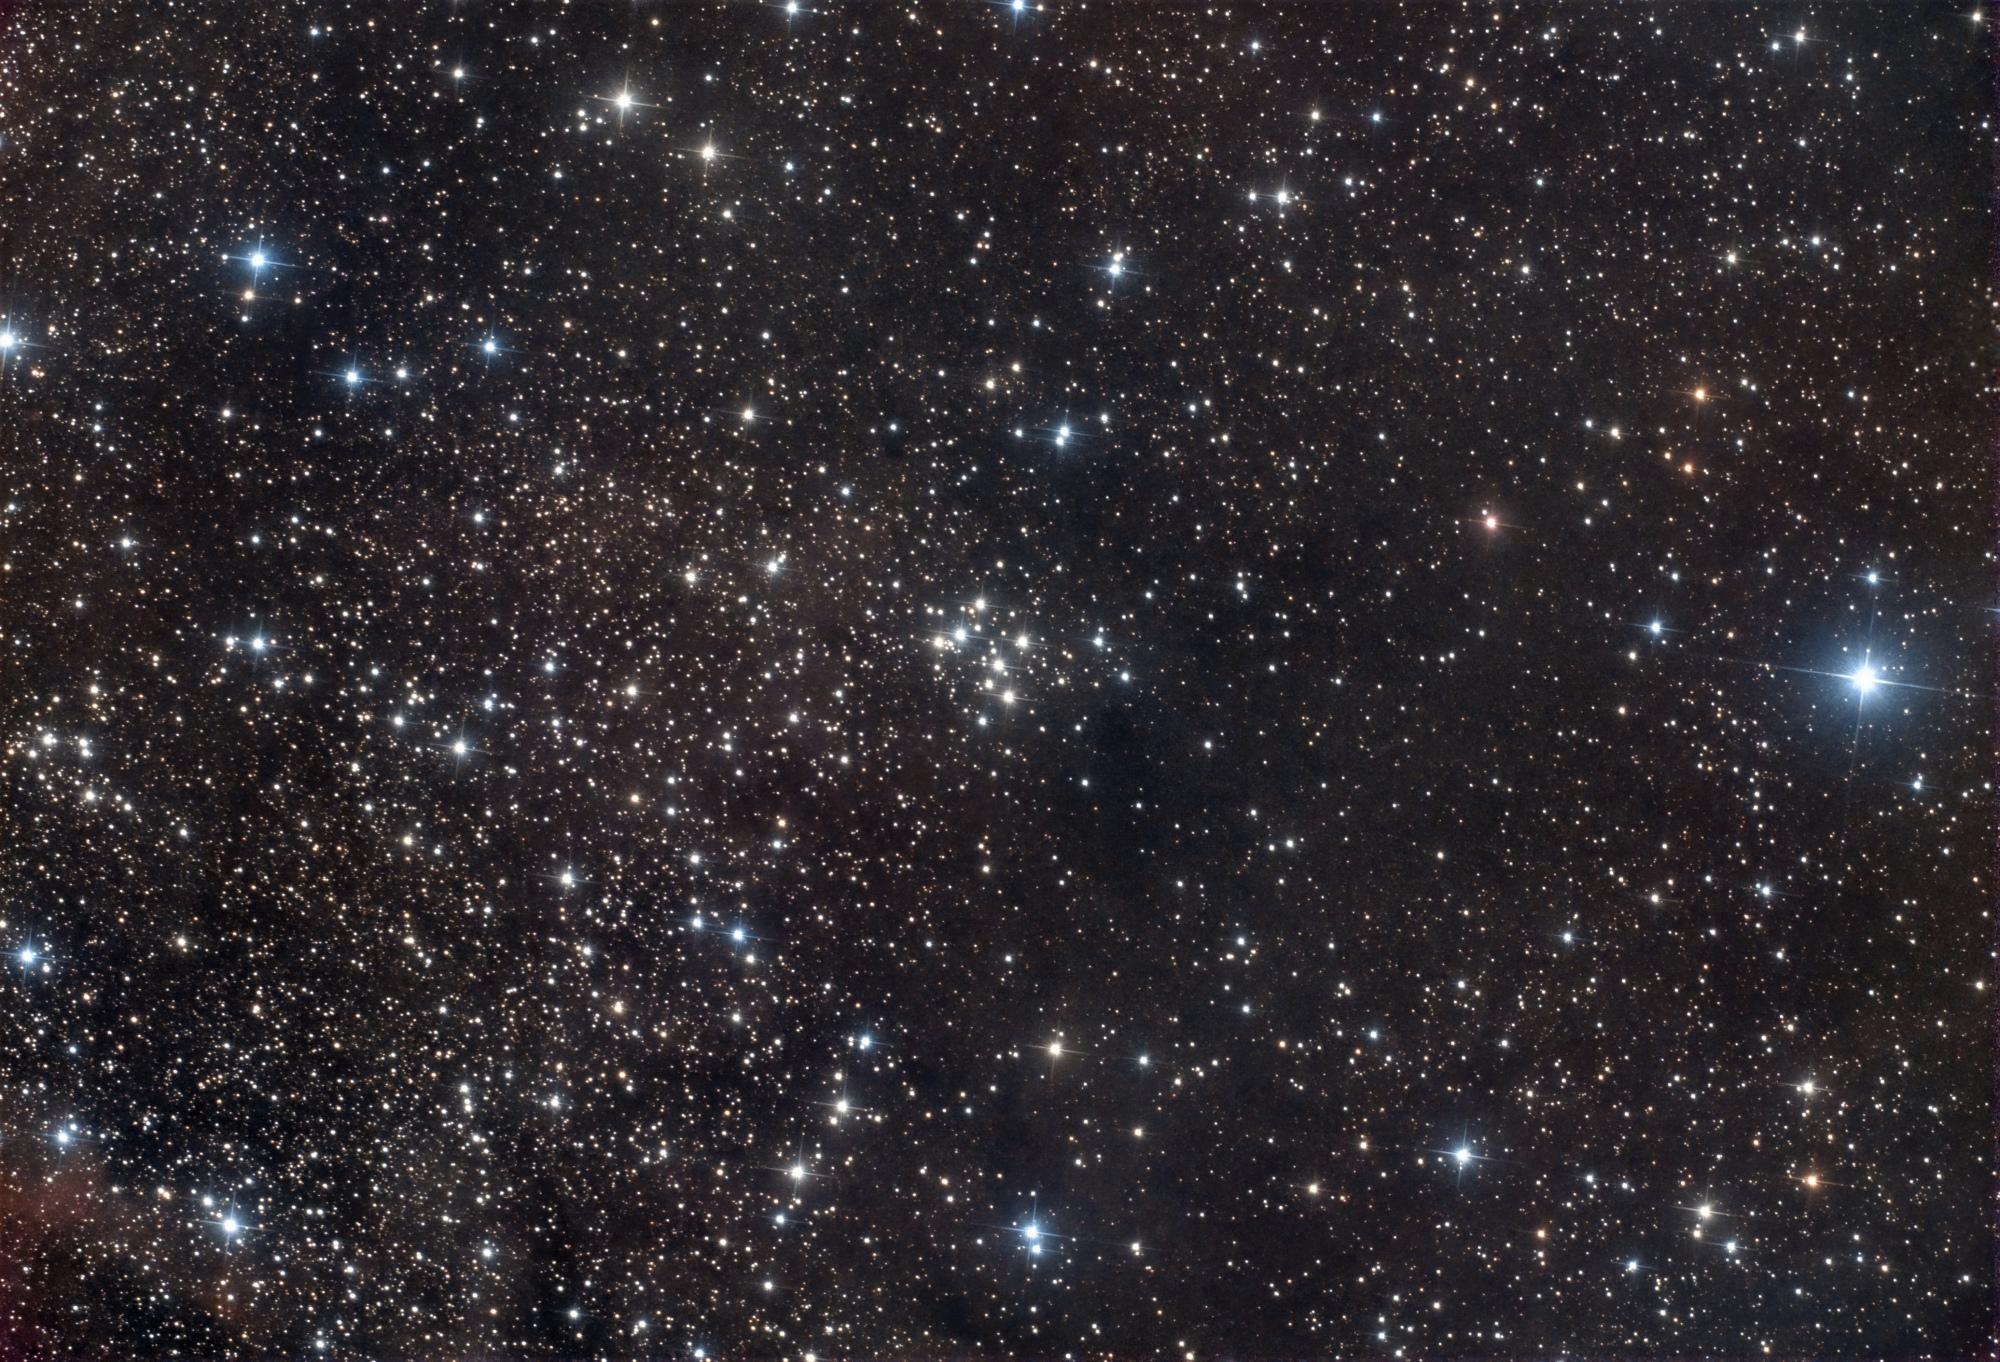 M29_RGB-siril-V2-finale-contraste.thumb.jpg.e1d8aa77c31b39d190f61f7ff4c283be.jpg